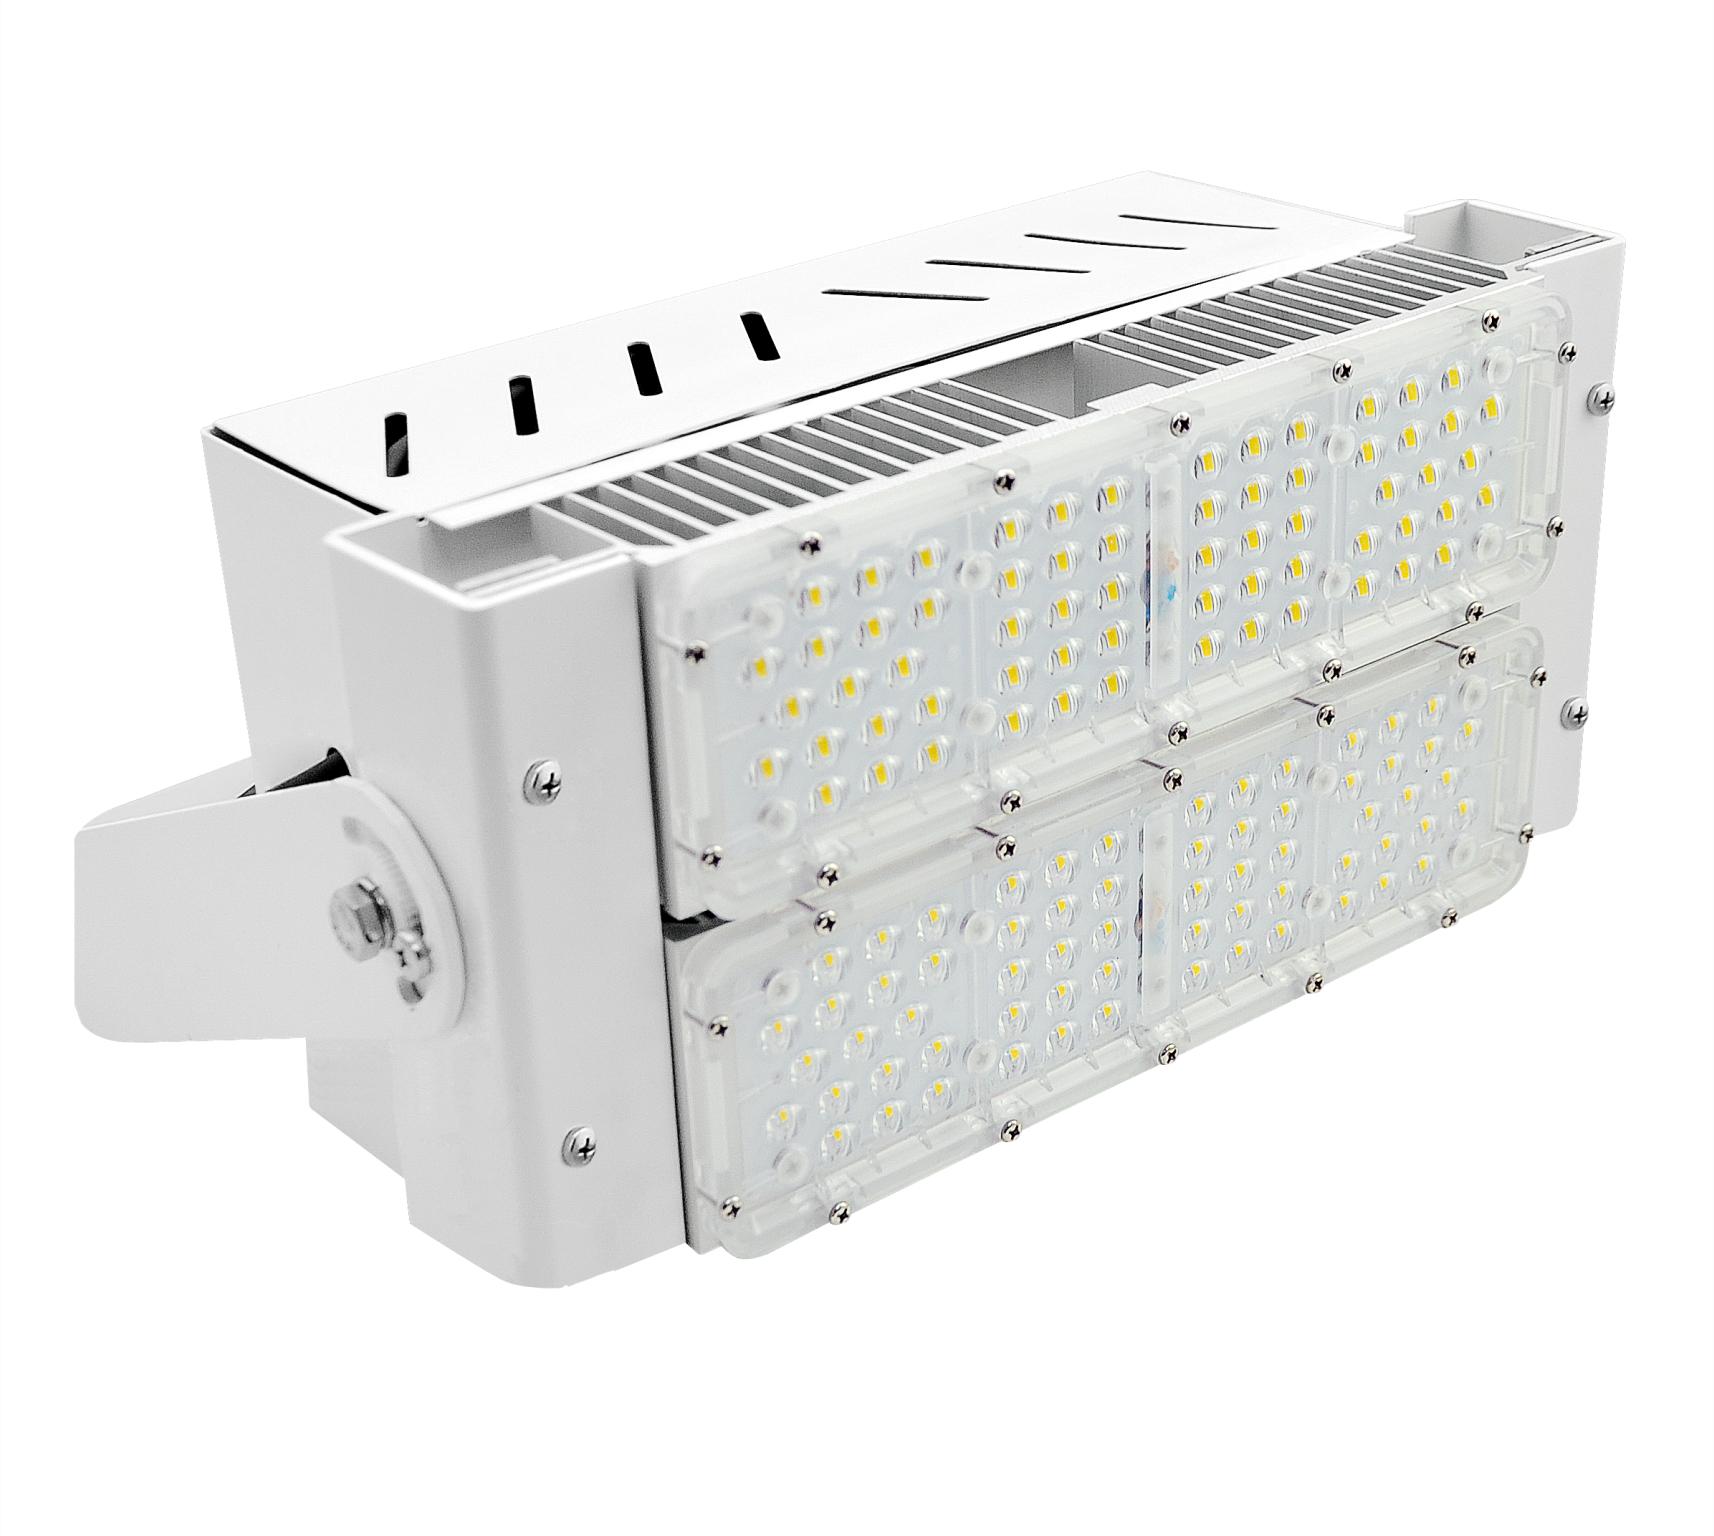 REFLETOR LED 100W MODULO DC COM DPS 2X50W 90° 5000K 150LM/W ALUMINIO AUTOVOLT BRANCA